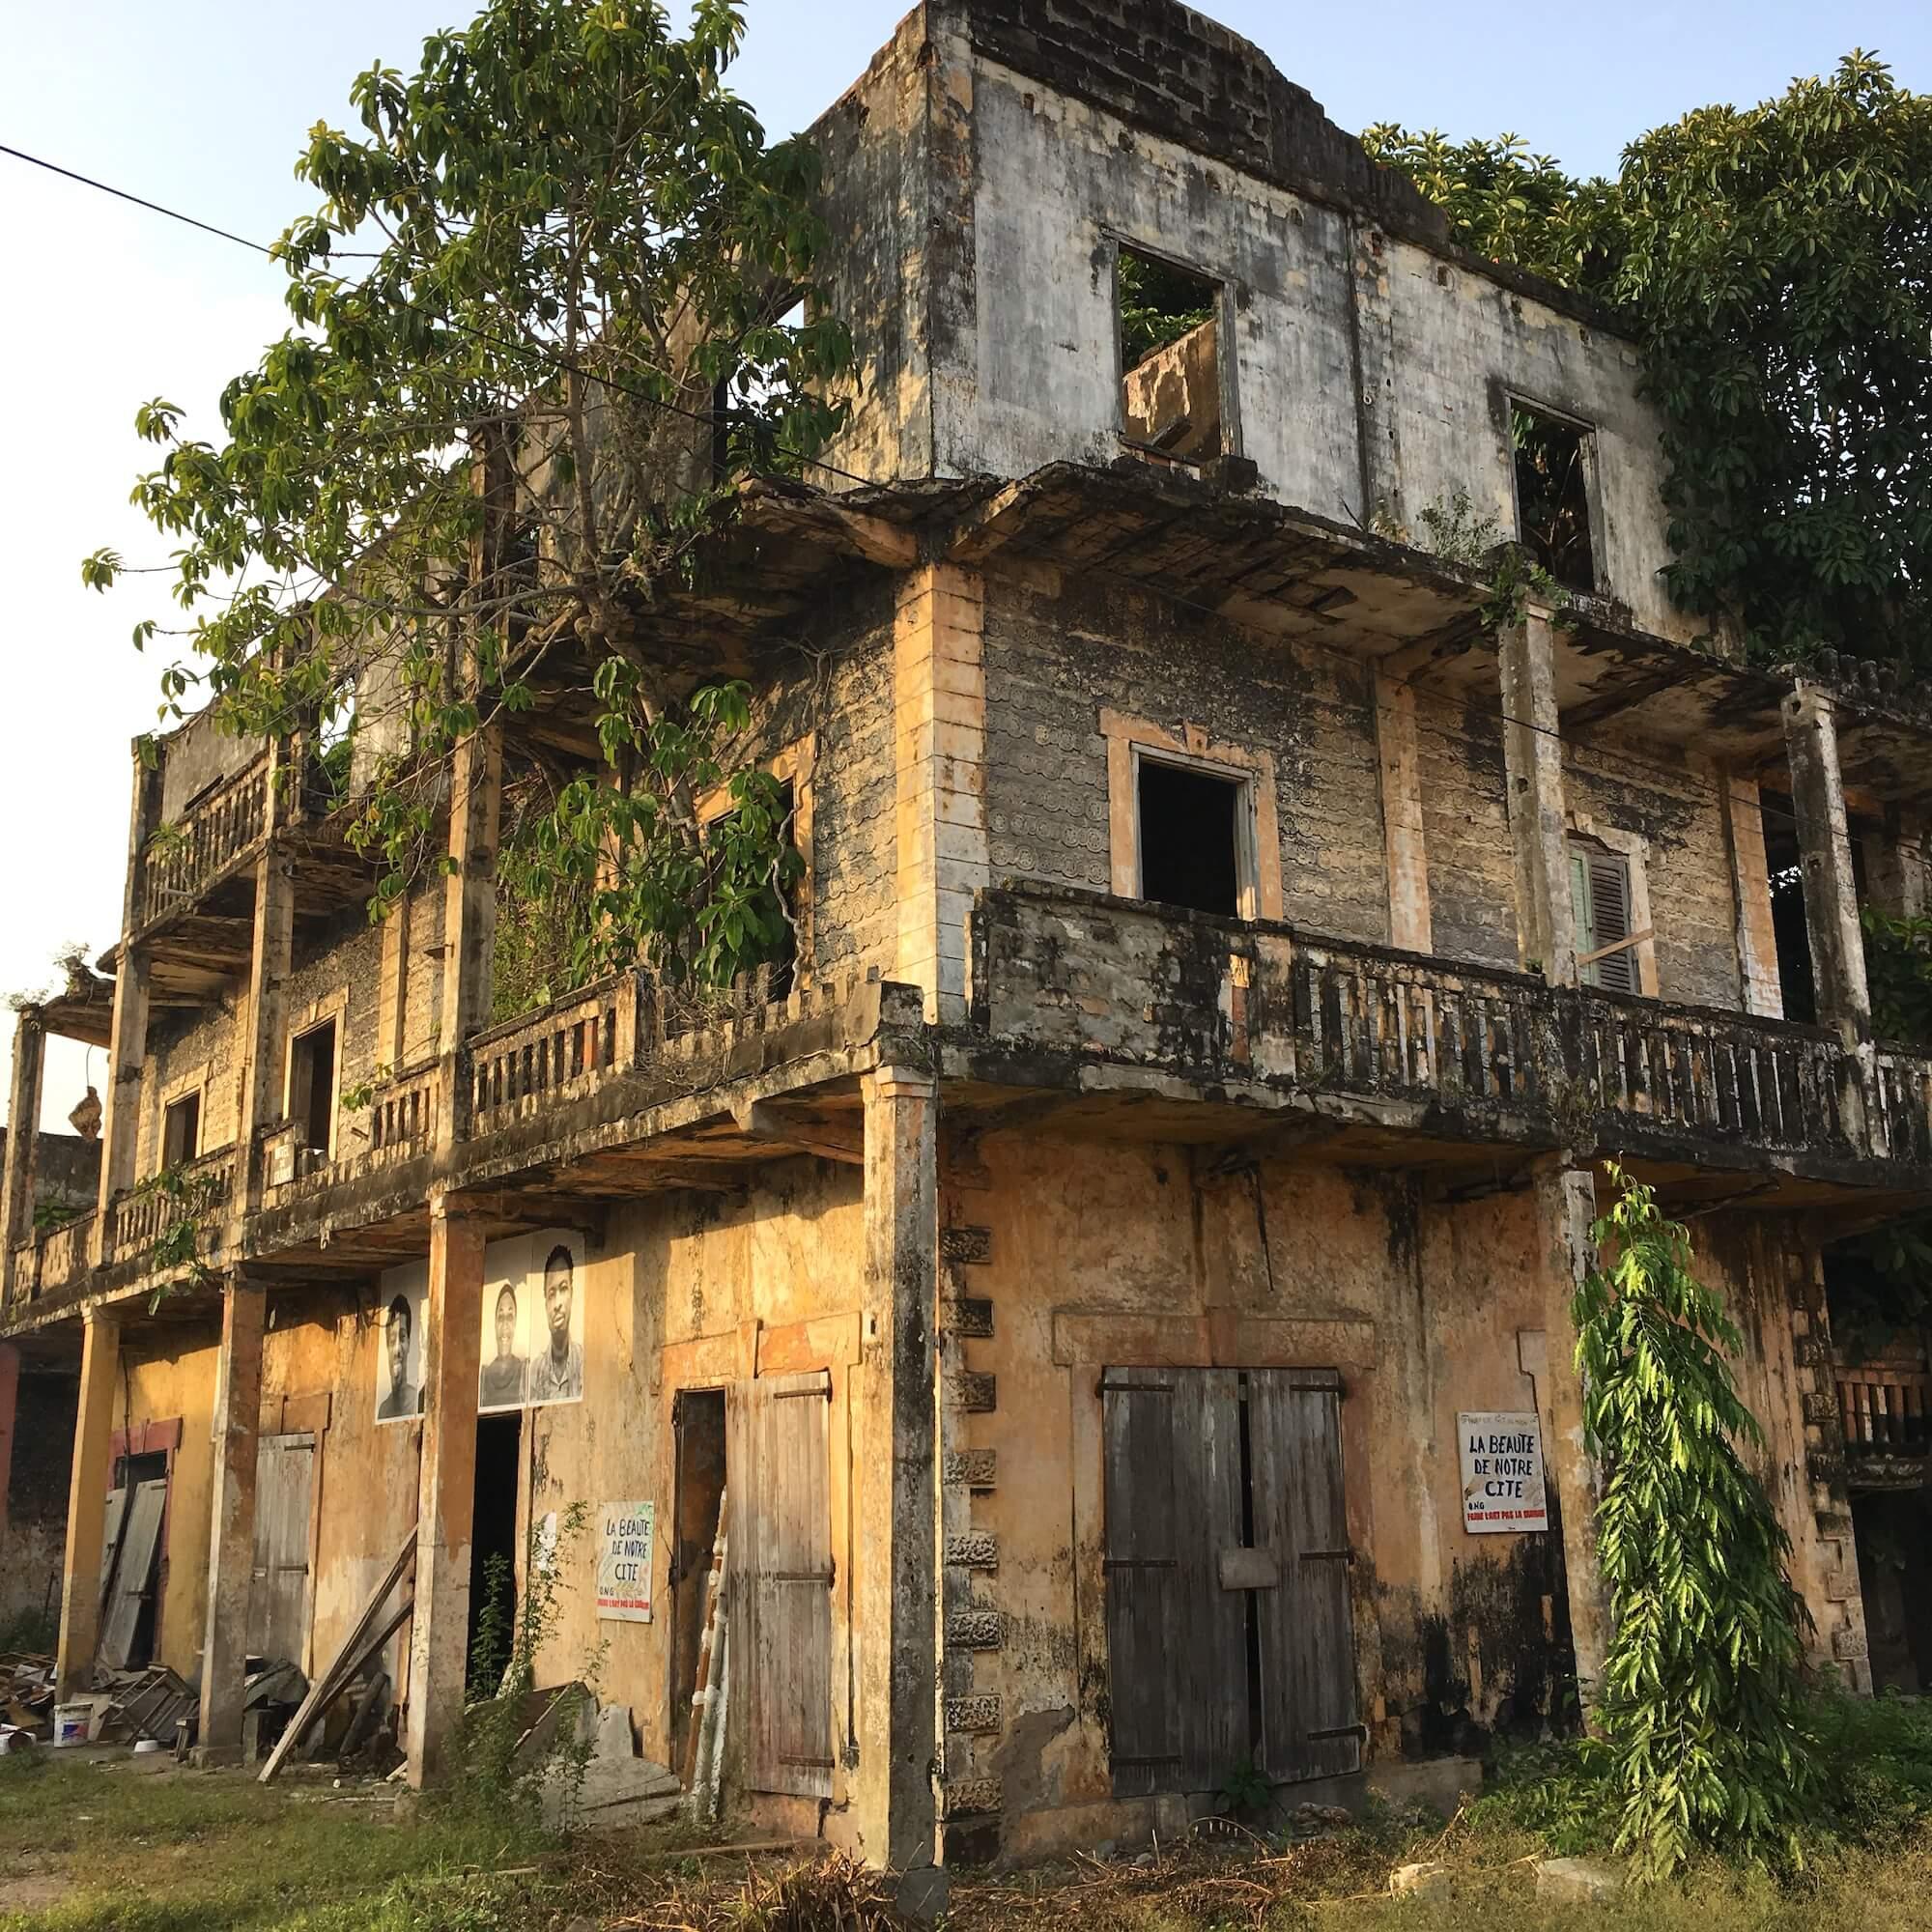 Maison coloniale magasin maison colonial en ce qui concerne maison coloniale auckland photo for Interieur maison coloniale